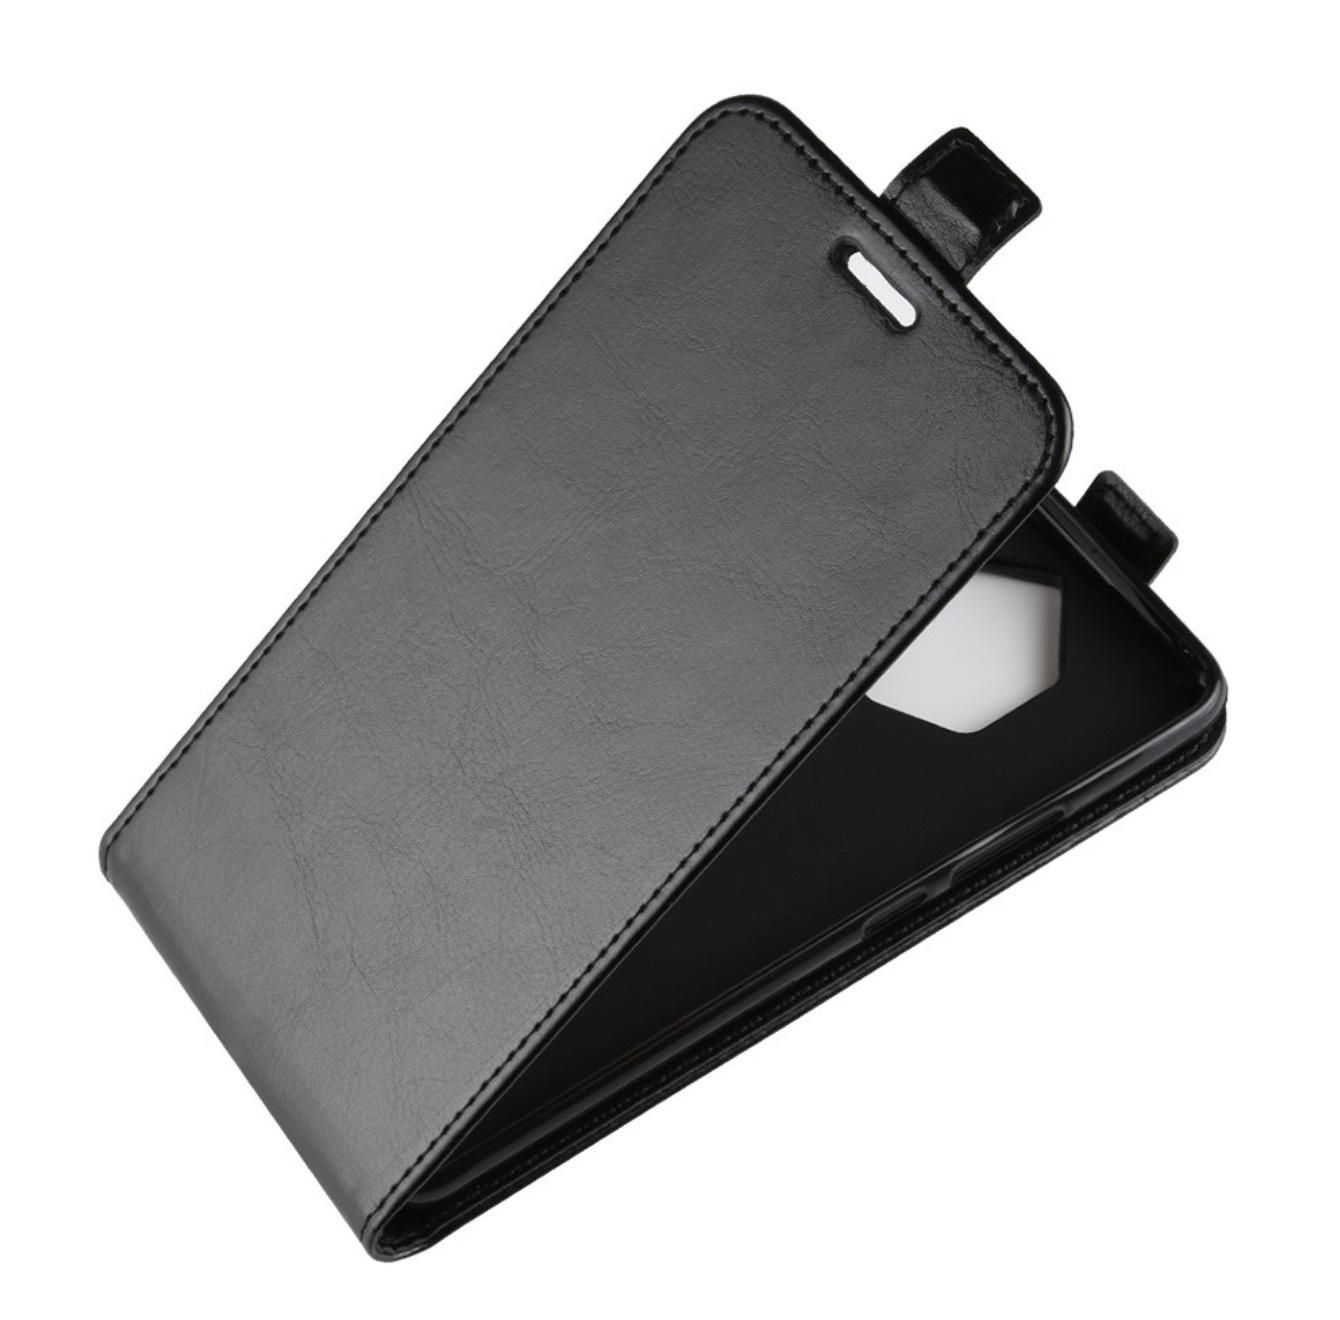 Чехол-флип MyPads для Fly IQ4415 Quad ERA Style 3 вертикальный откидной черный все цены